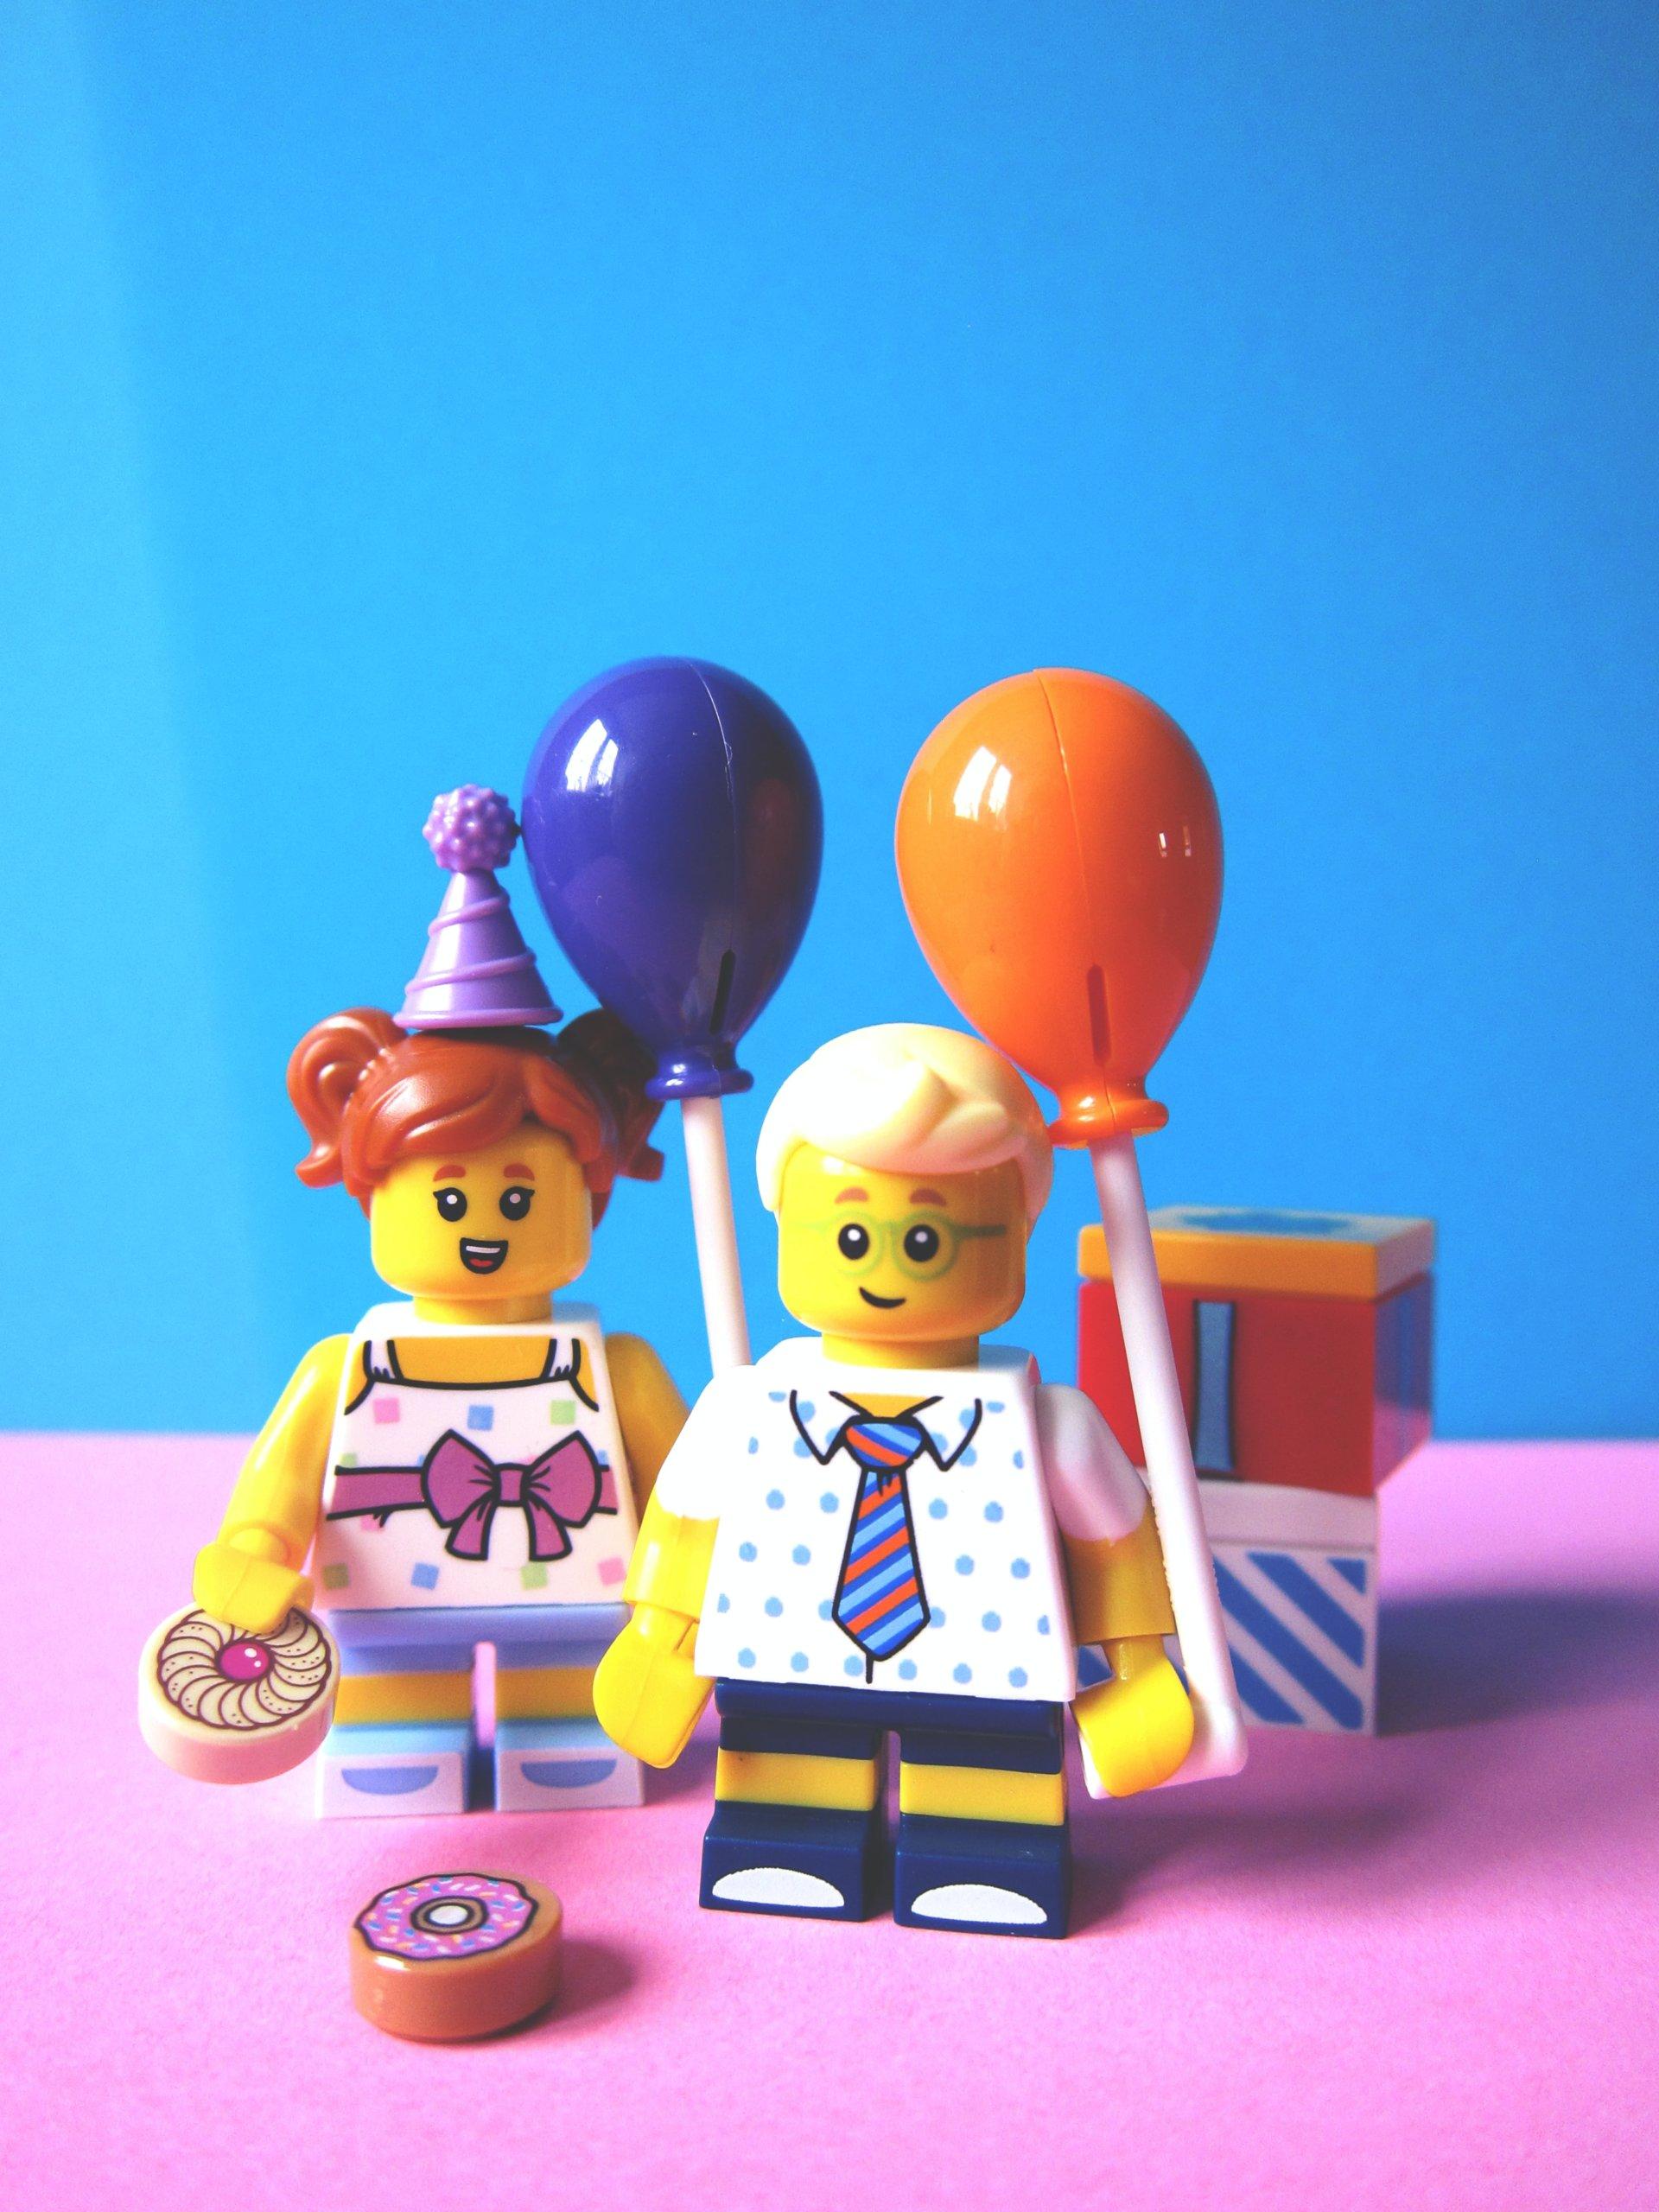 Lego Anlage